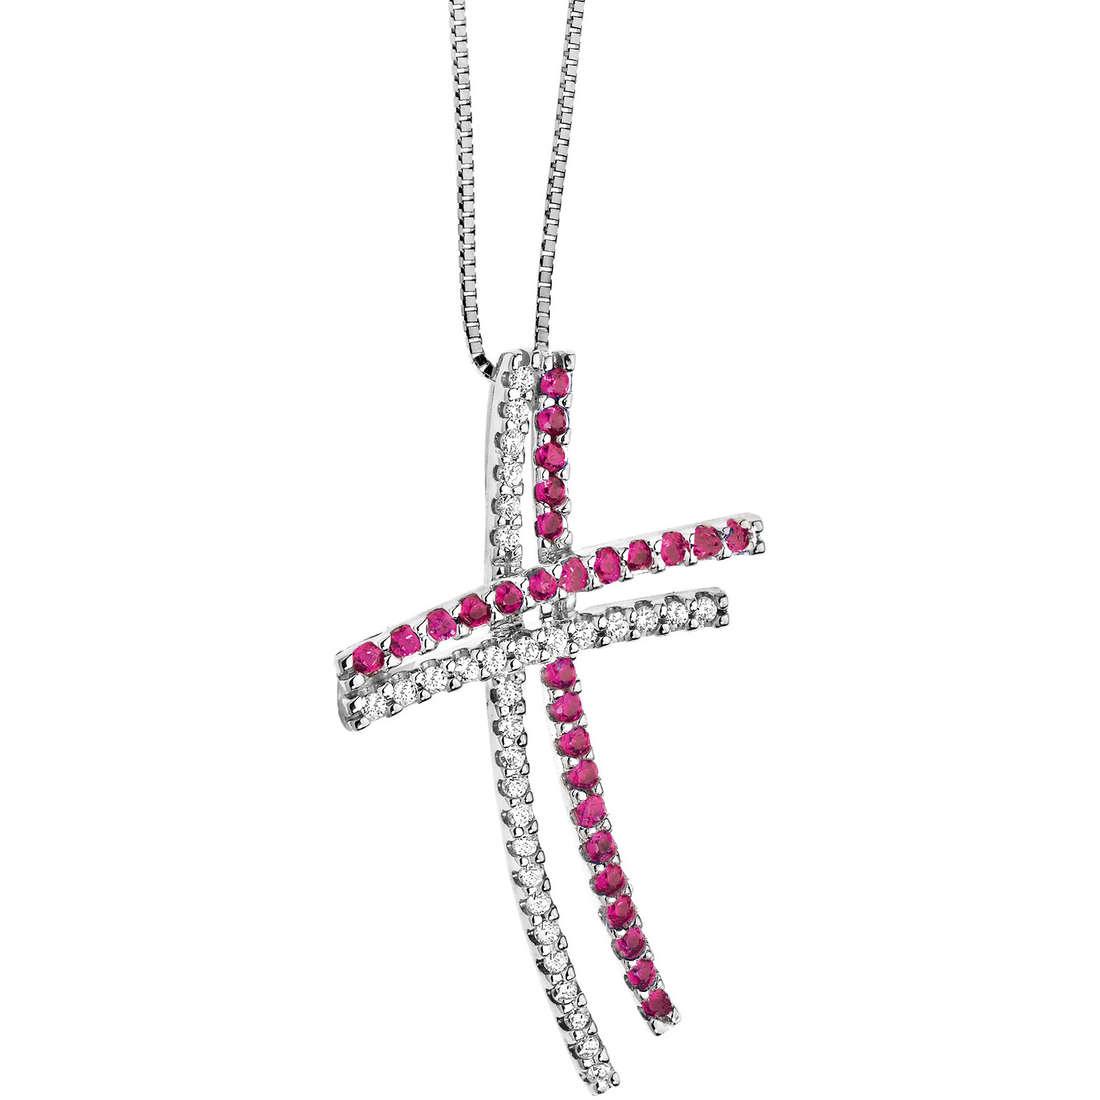 collana donna gioielli Comete Pietre preziose colorate GLB 821